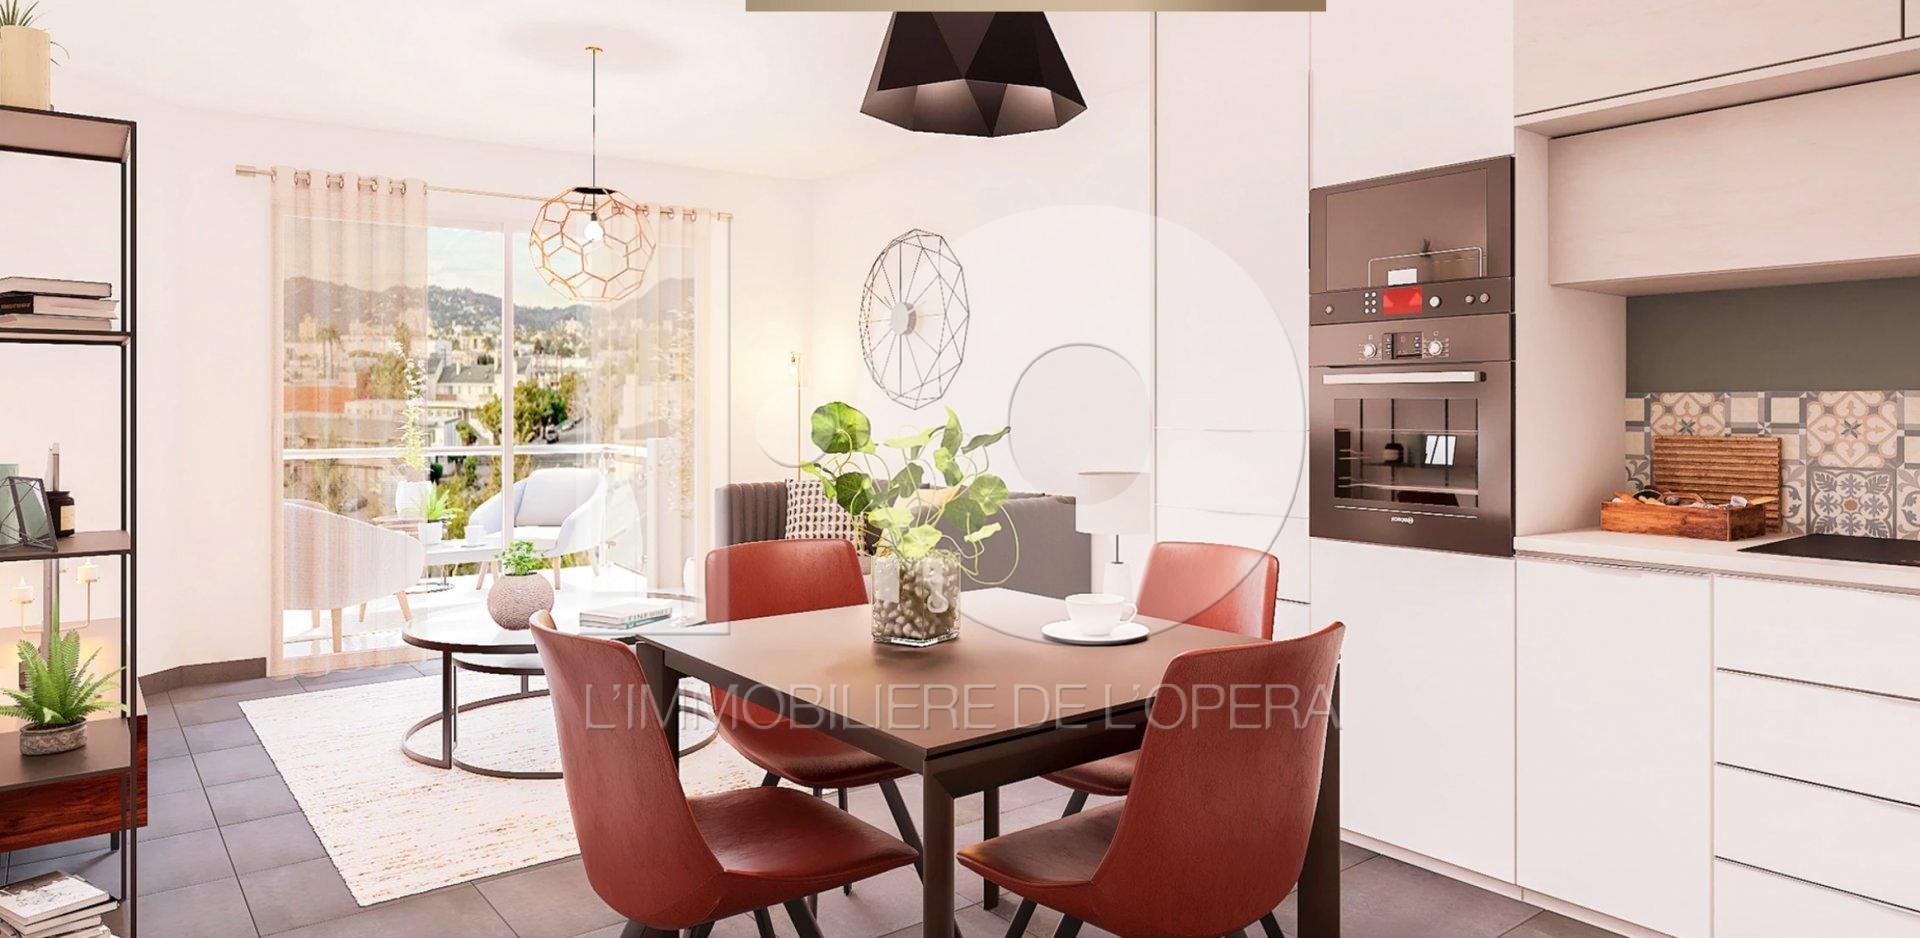 NICE CESSOLE- Appartement 3 Pièces de 63m2 avec Terrasse